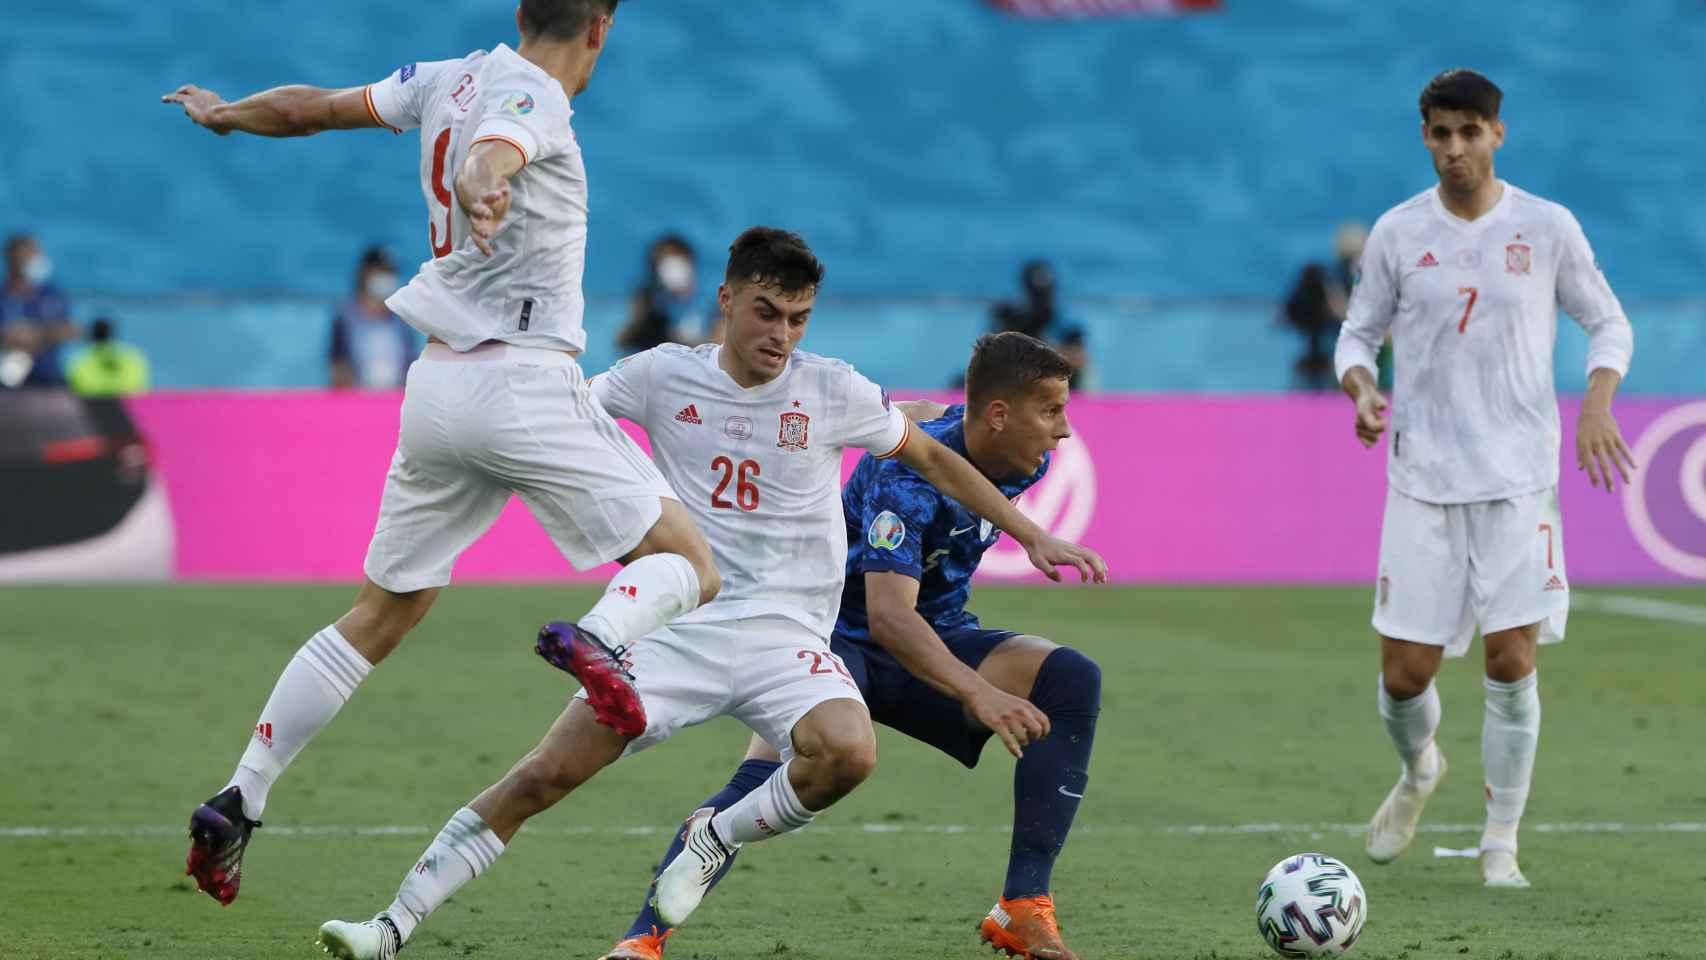 Lubomir Satka intenta robar el balón a Pedri y Gerard Moreno